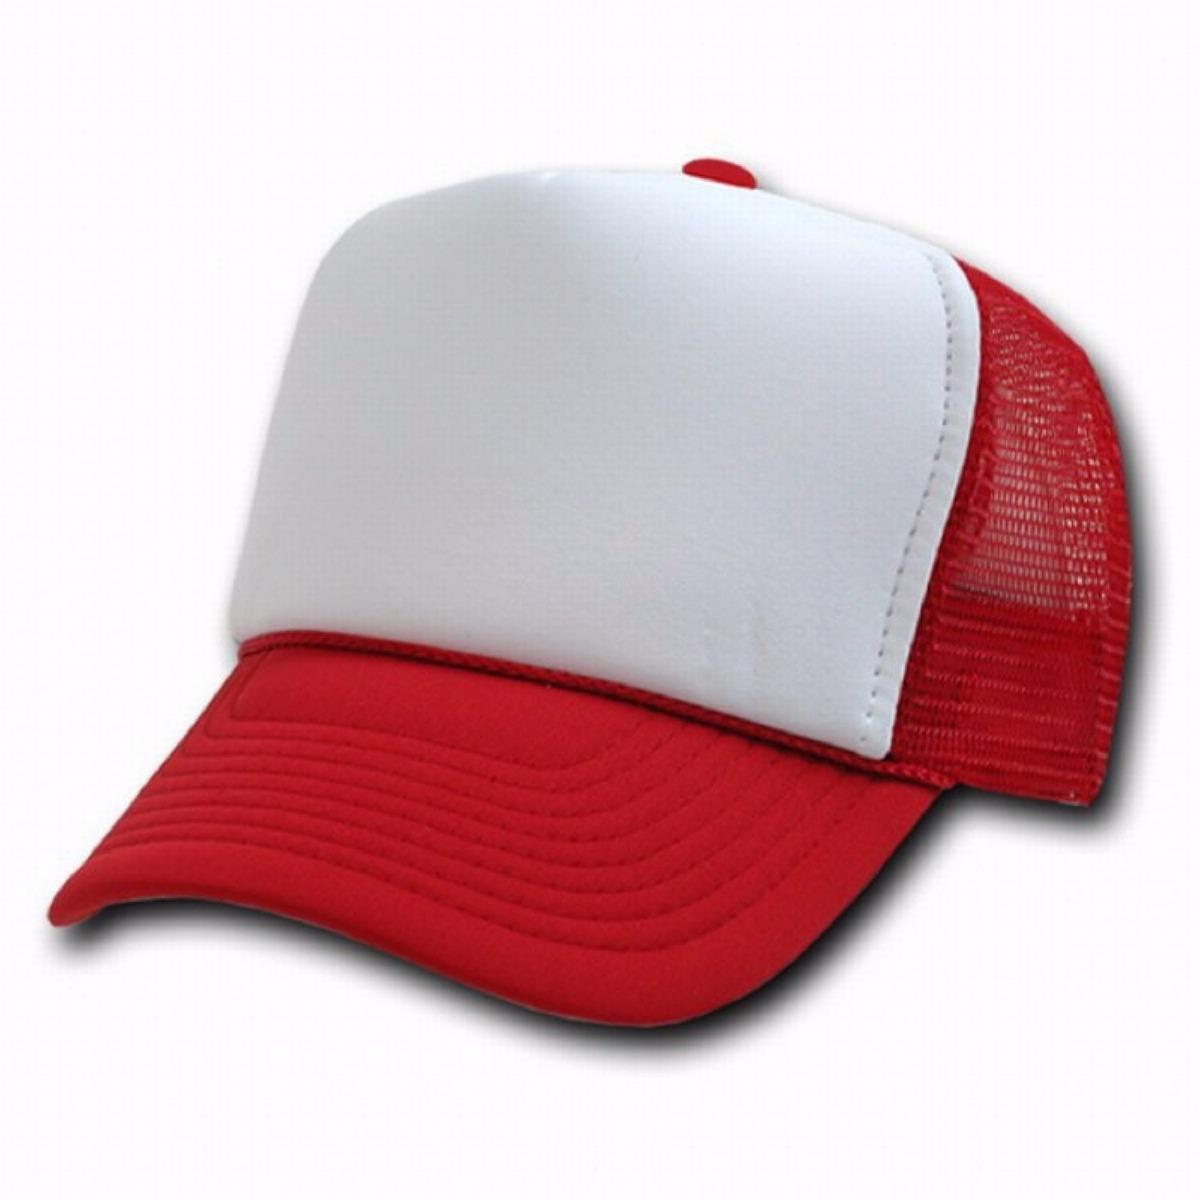 Gorra Tipo Camionero Roja blanco De Handy Manny. Ajustable -   8.000 en  Mercado Libre 5ca390b66c6